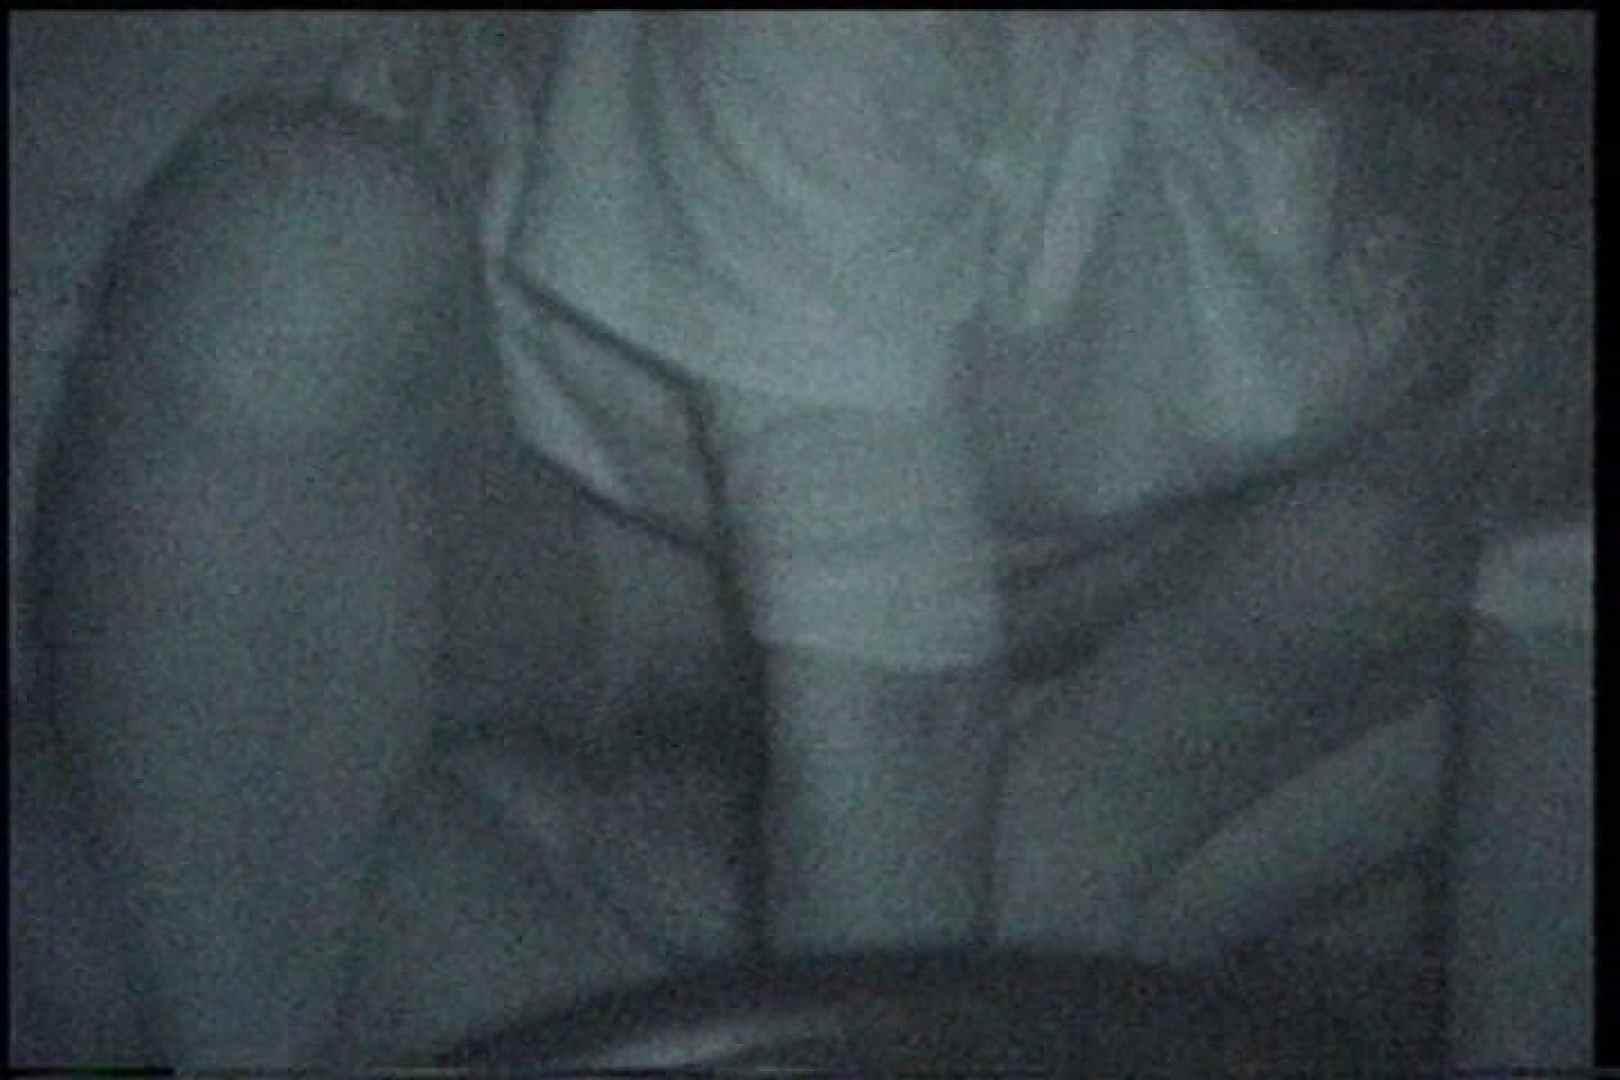 充血監督の深夜の運動会Vol.197 独身エッチOL | おまんこモロ出し  60pic 31